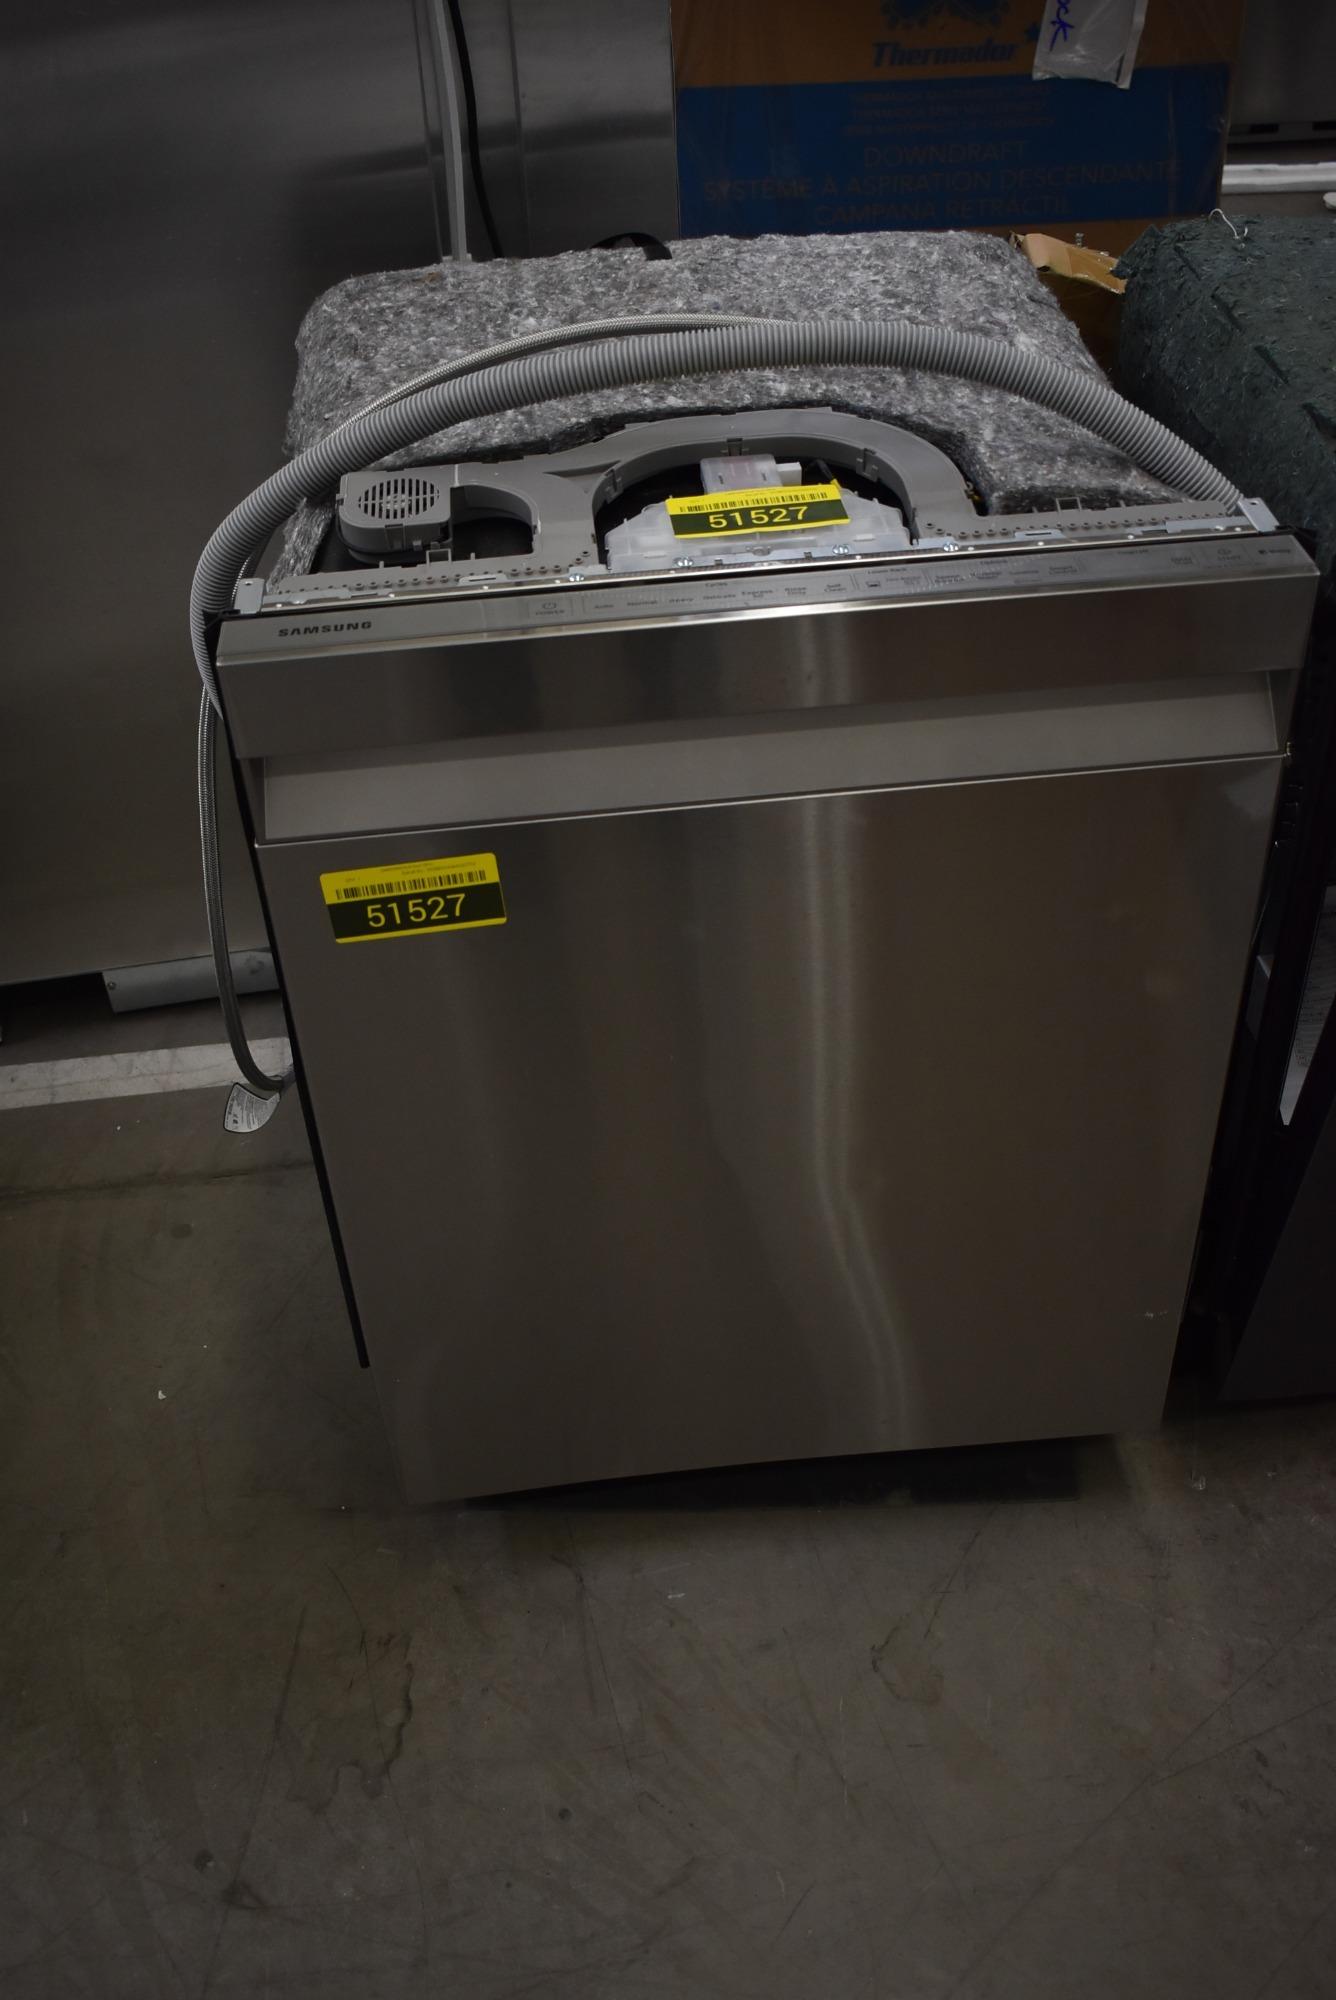 Samsung DW80R9950US 24